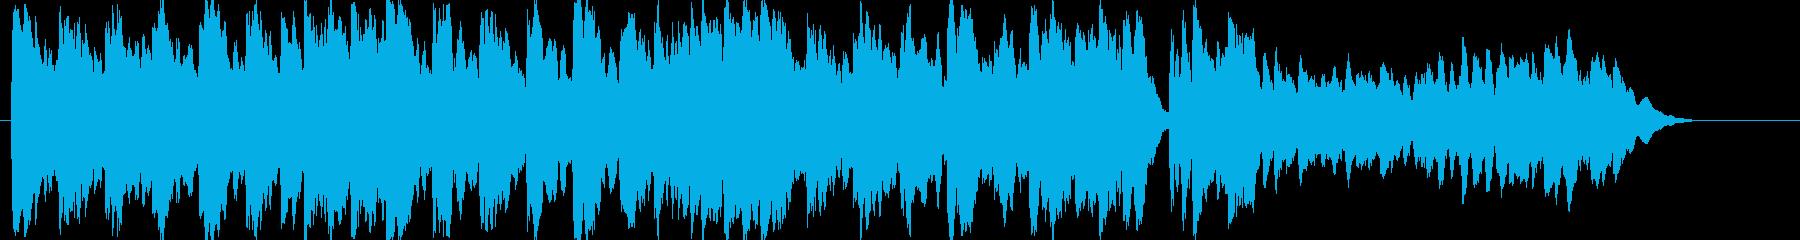 優しくて切ない癒しのオルゴールの再生済みの波形